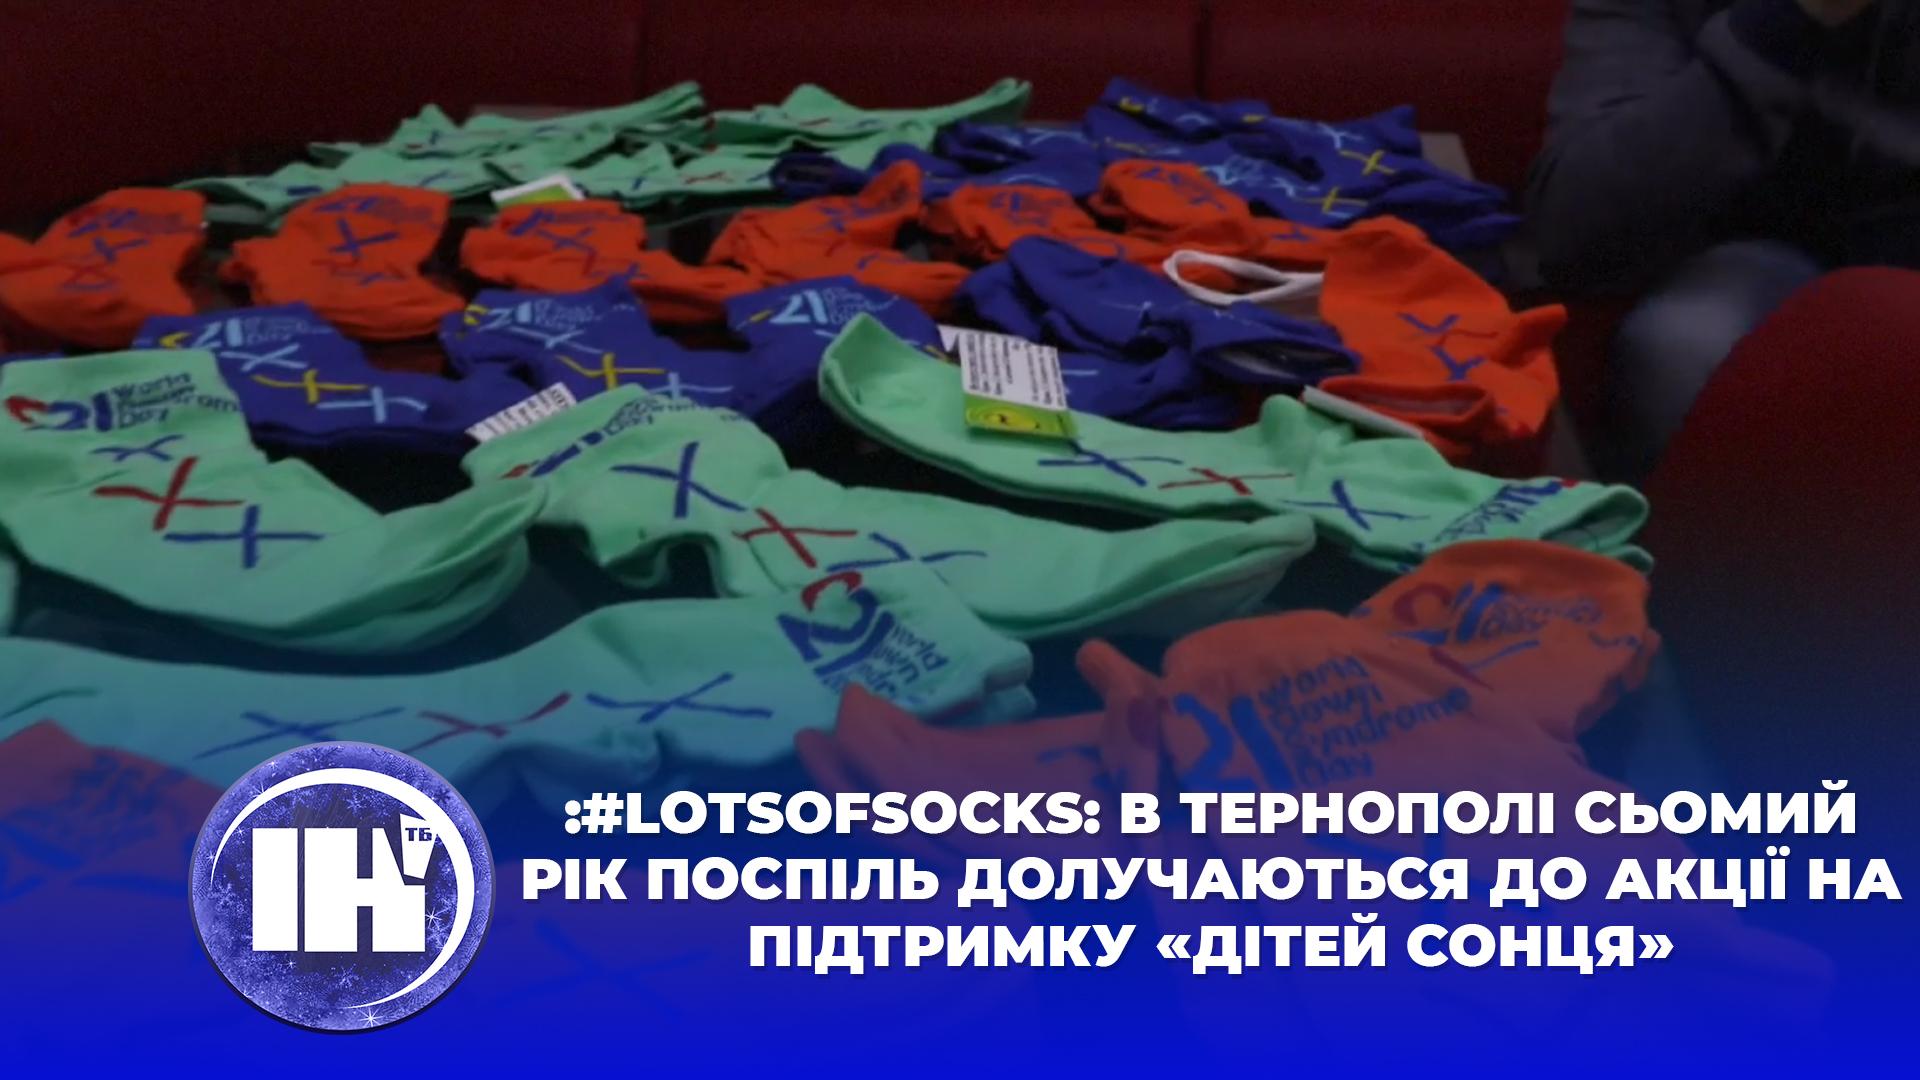 #LotsOfSocks: в Тернополі сьомий рік поспіль долучаються до акції на підтримку «дітей сонця»